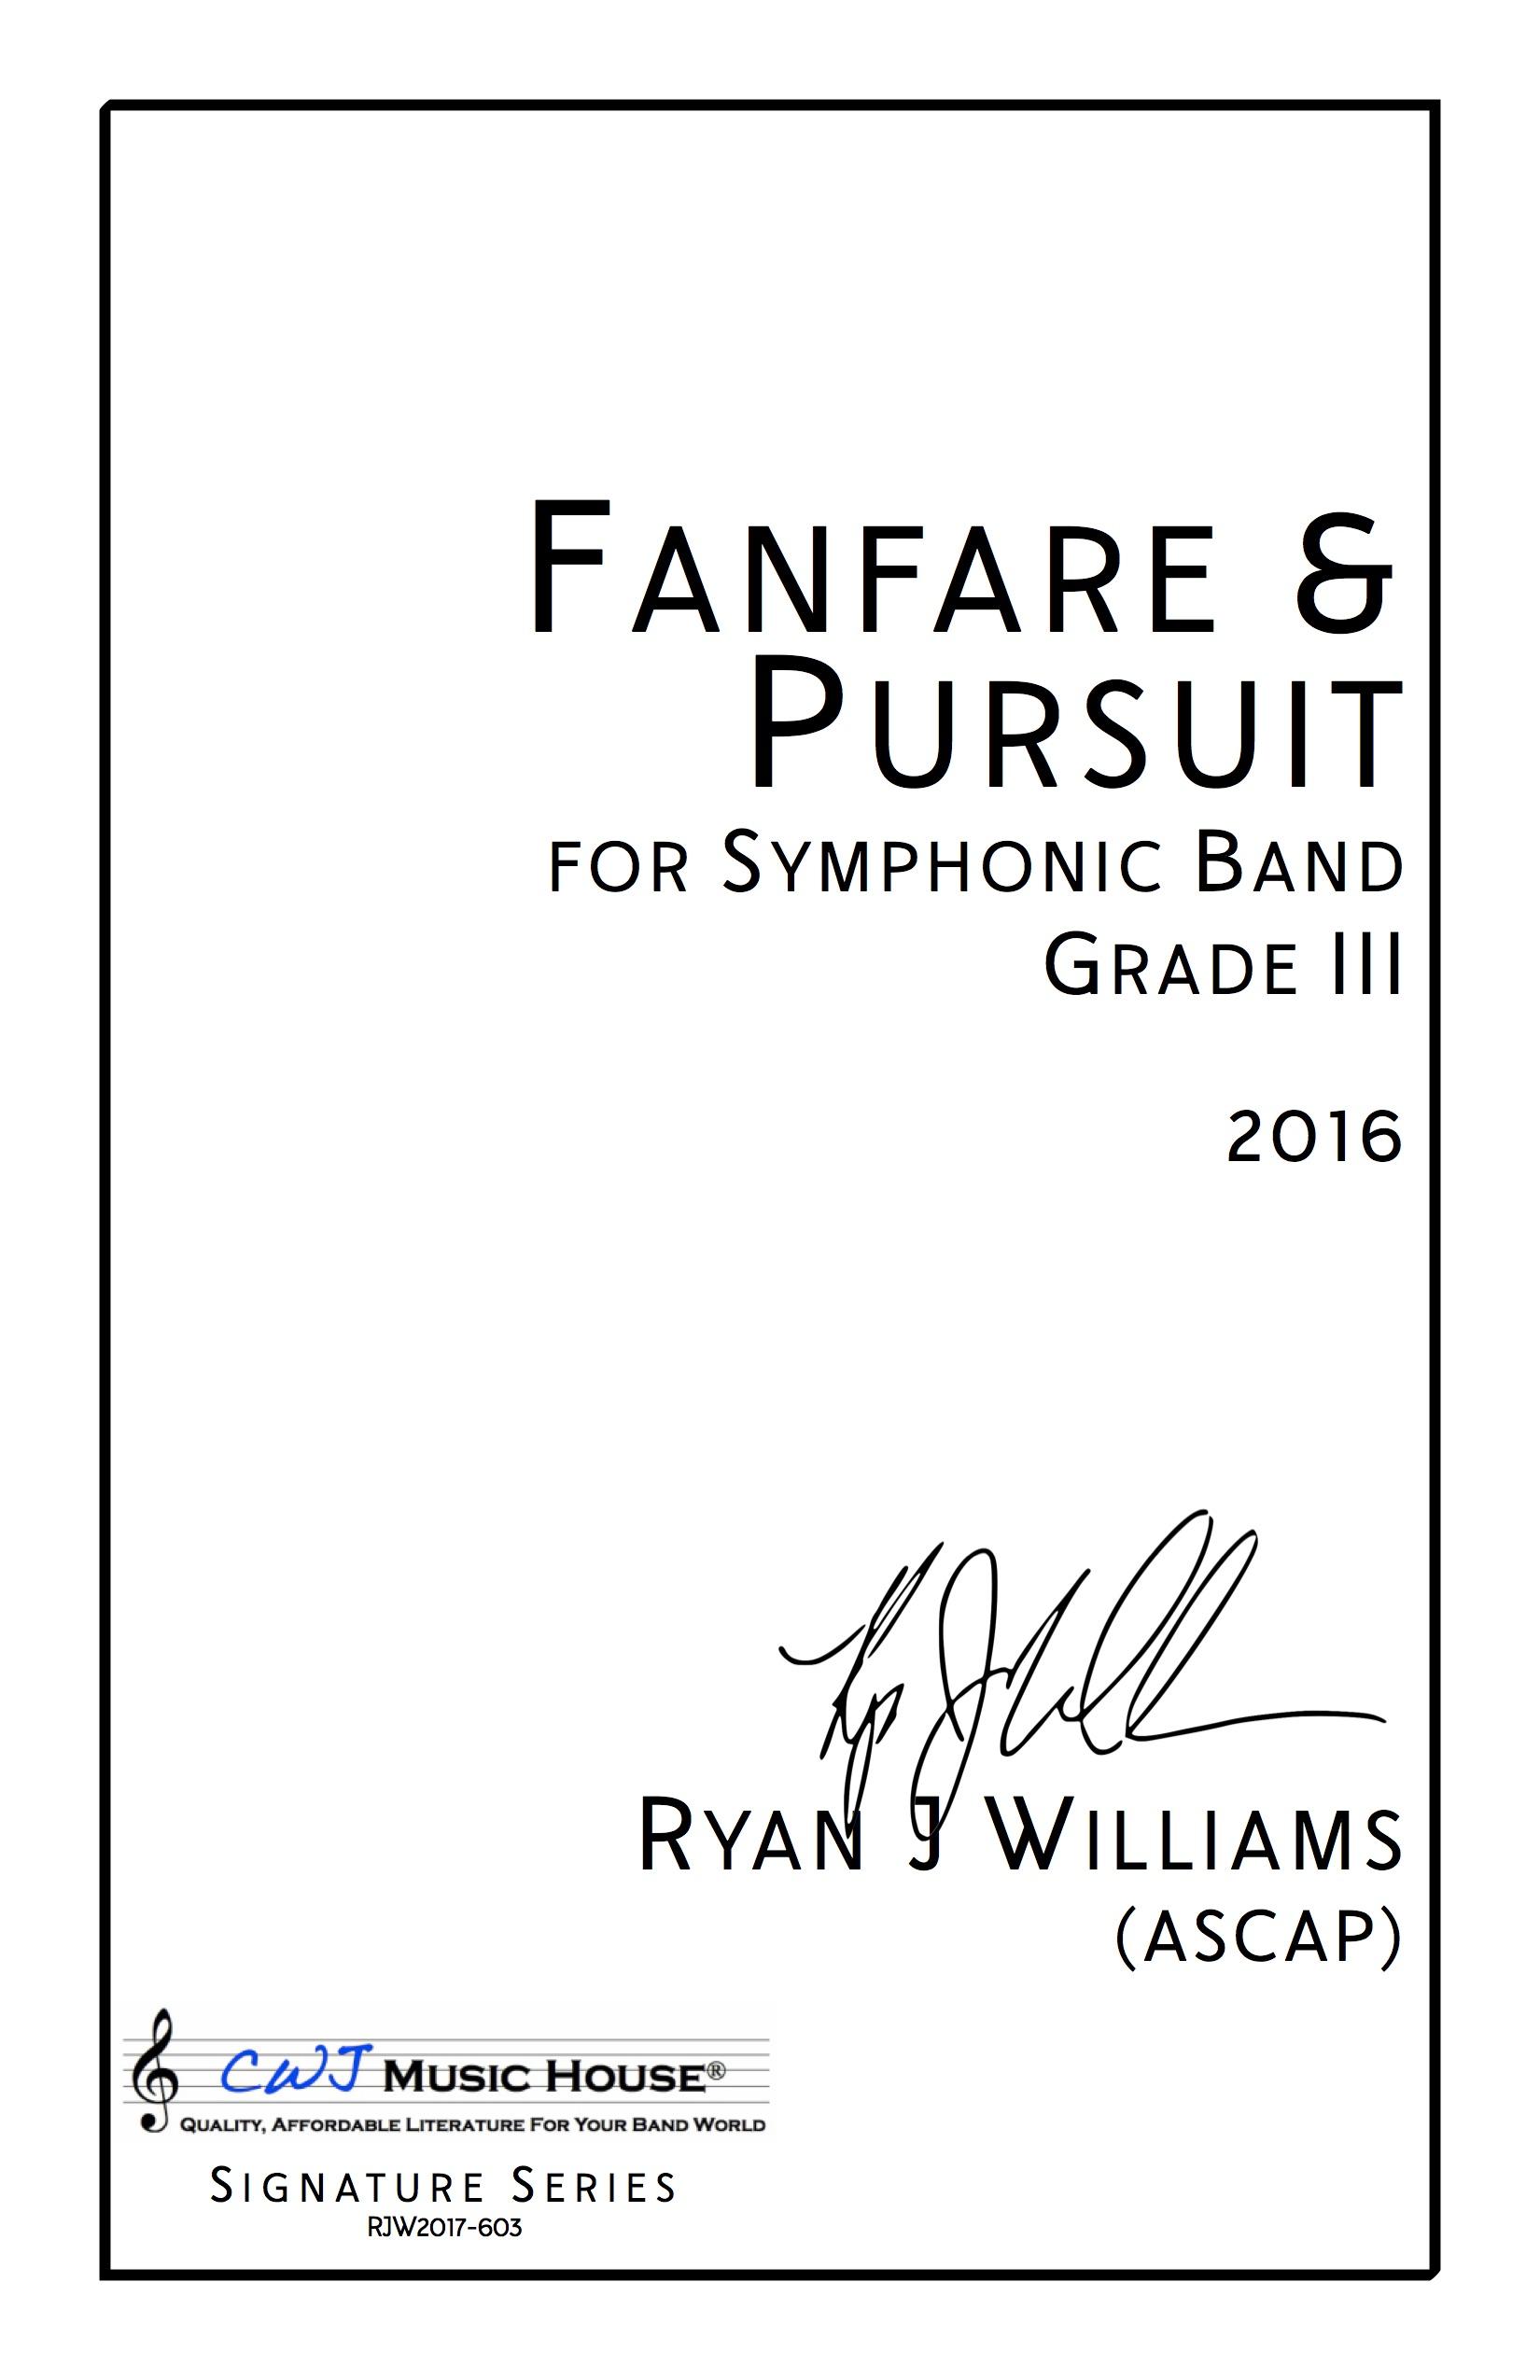 Fanfare & Pursuit